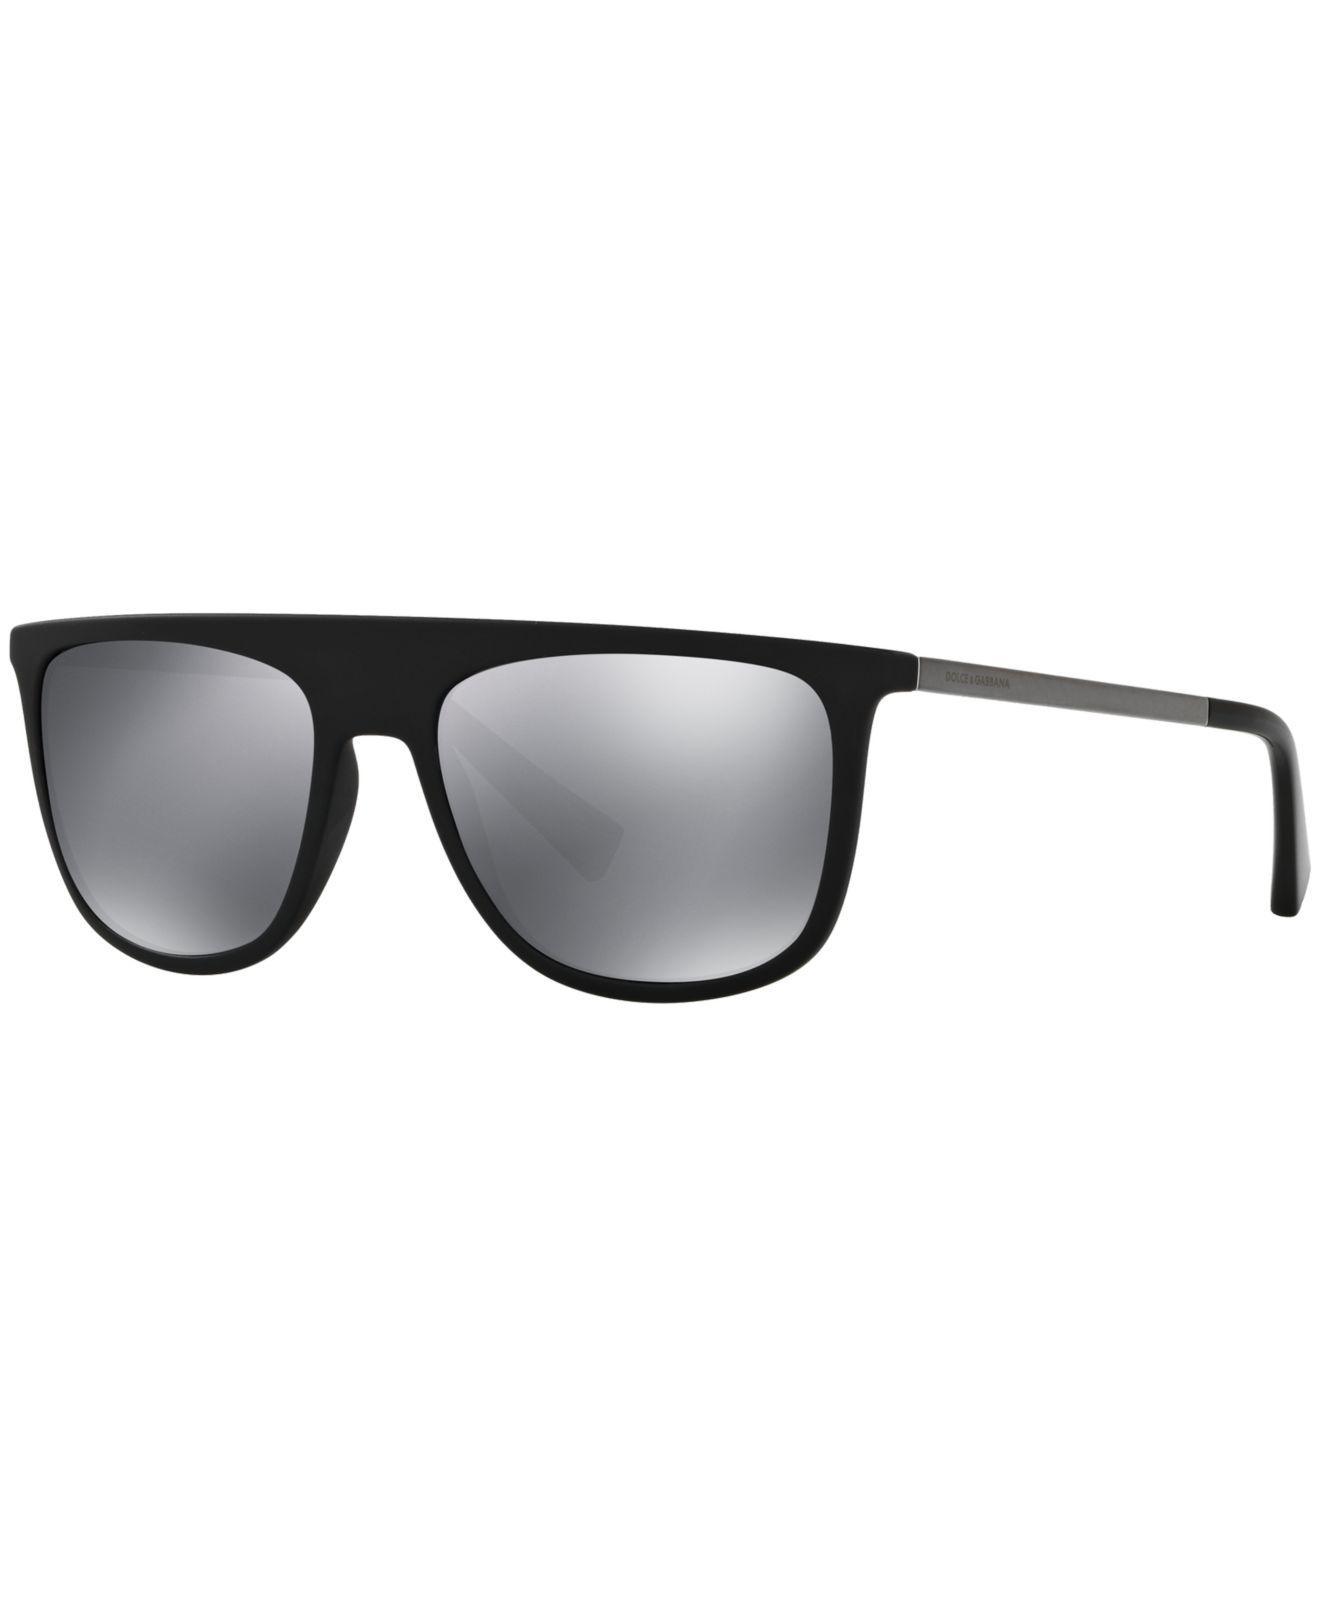 329a9ff75e7e Lyst - Dolce   Gabbana Sunglasses